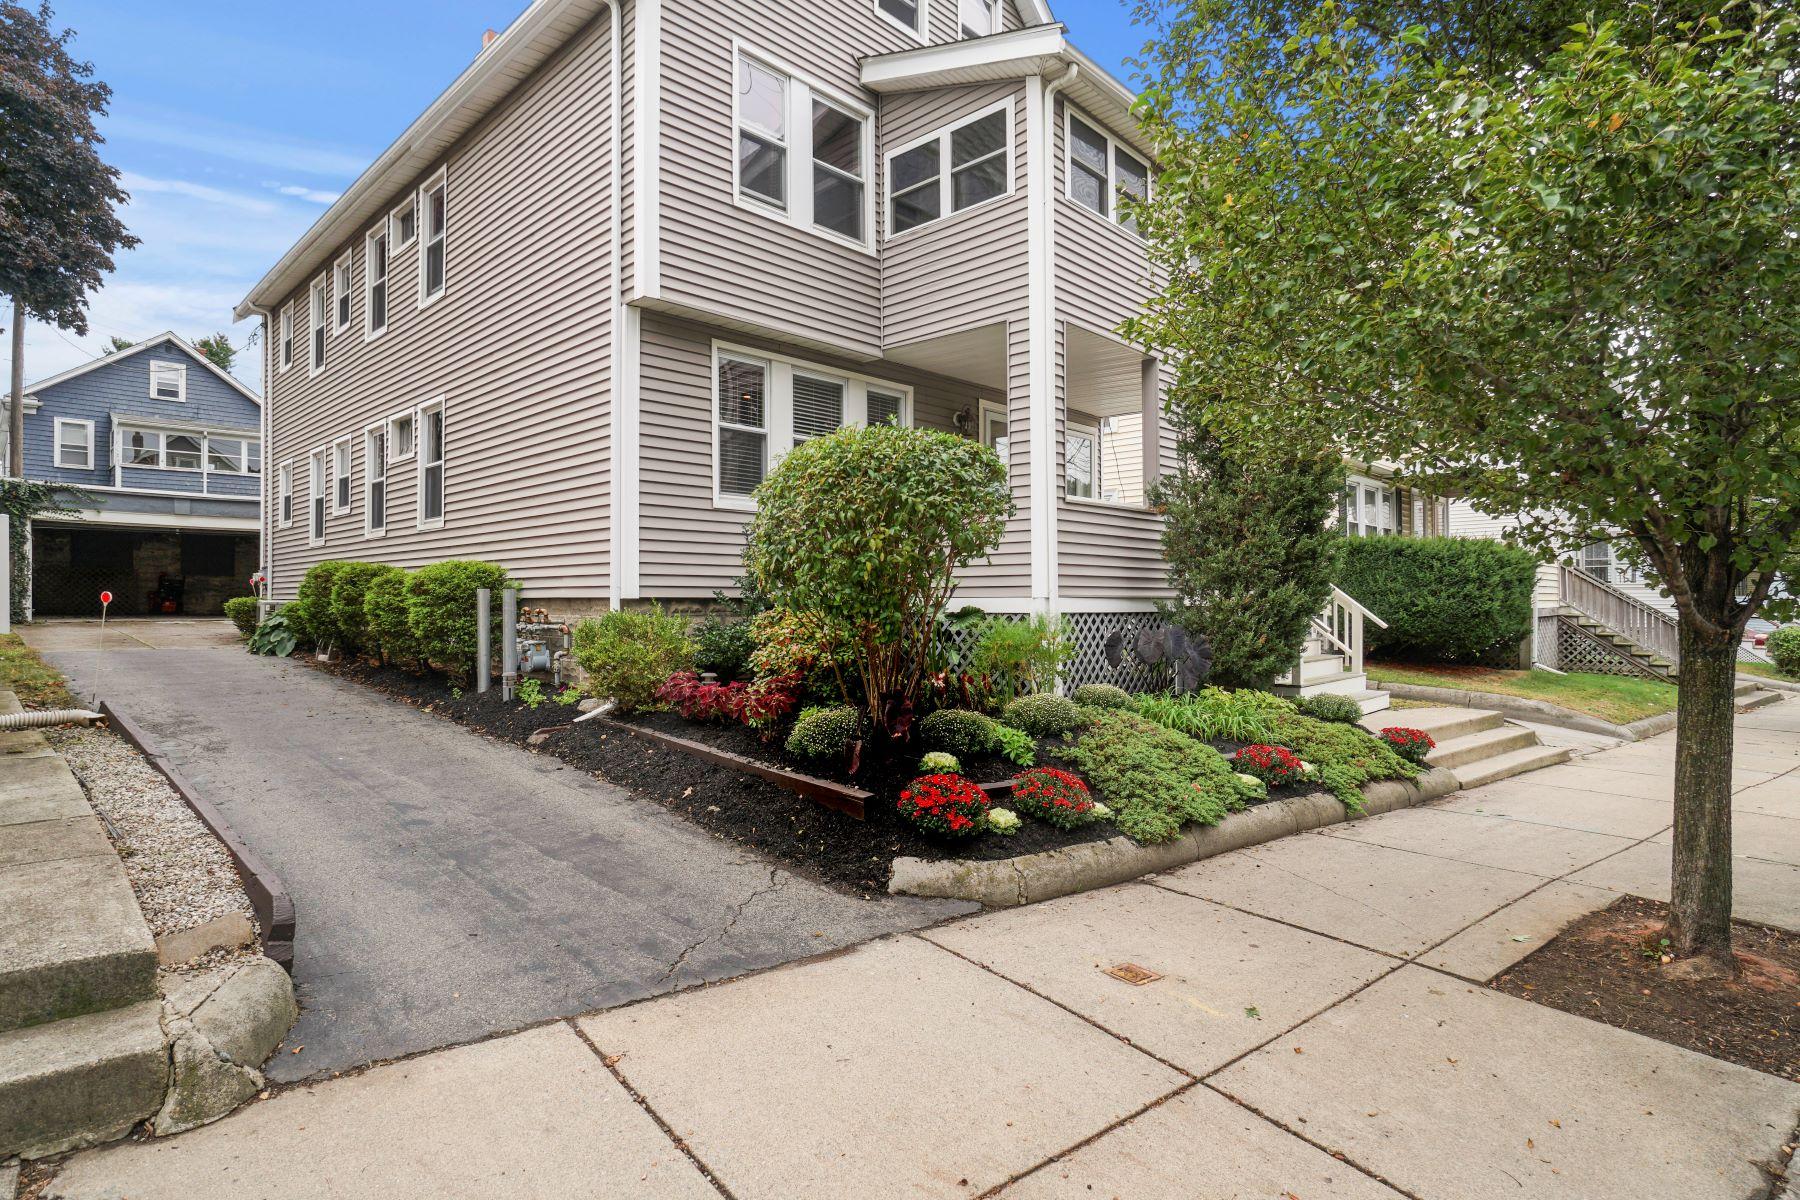 Condominiums 为 销售 在 169 Boston Ave Somerville, 马萨诸塞州 02144 美国